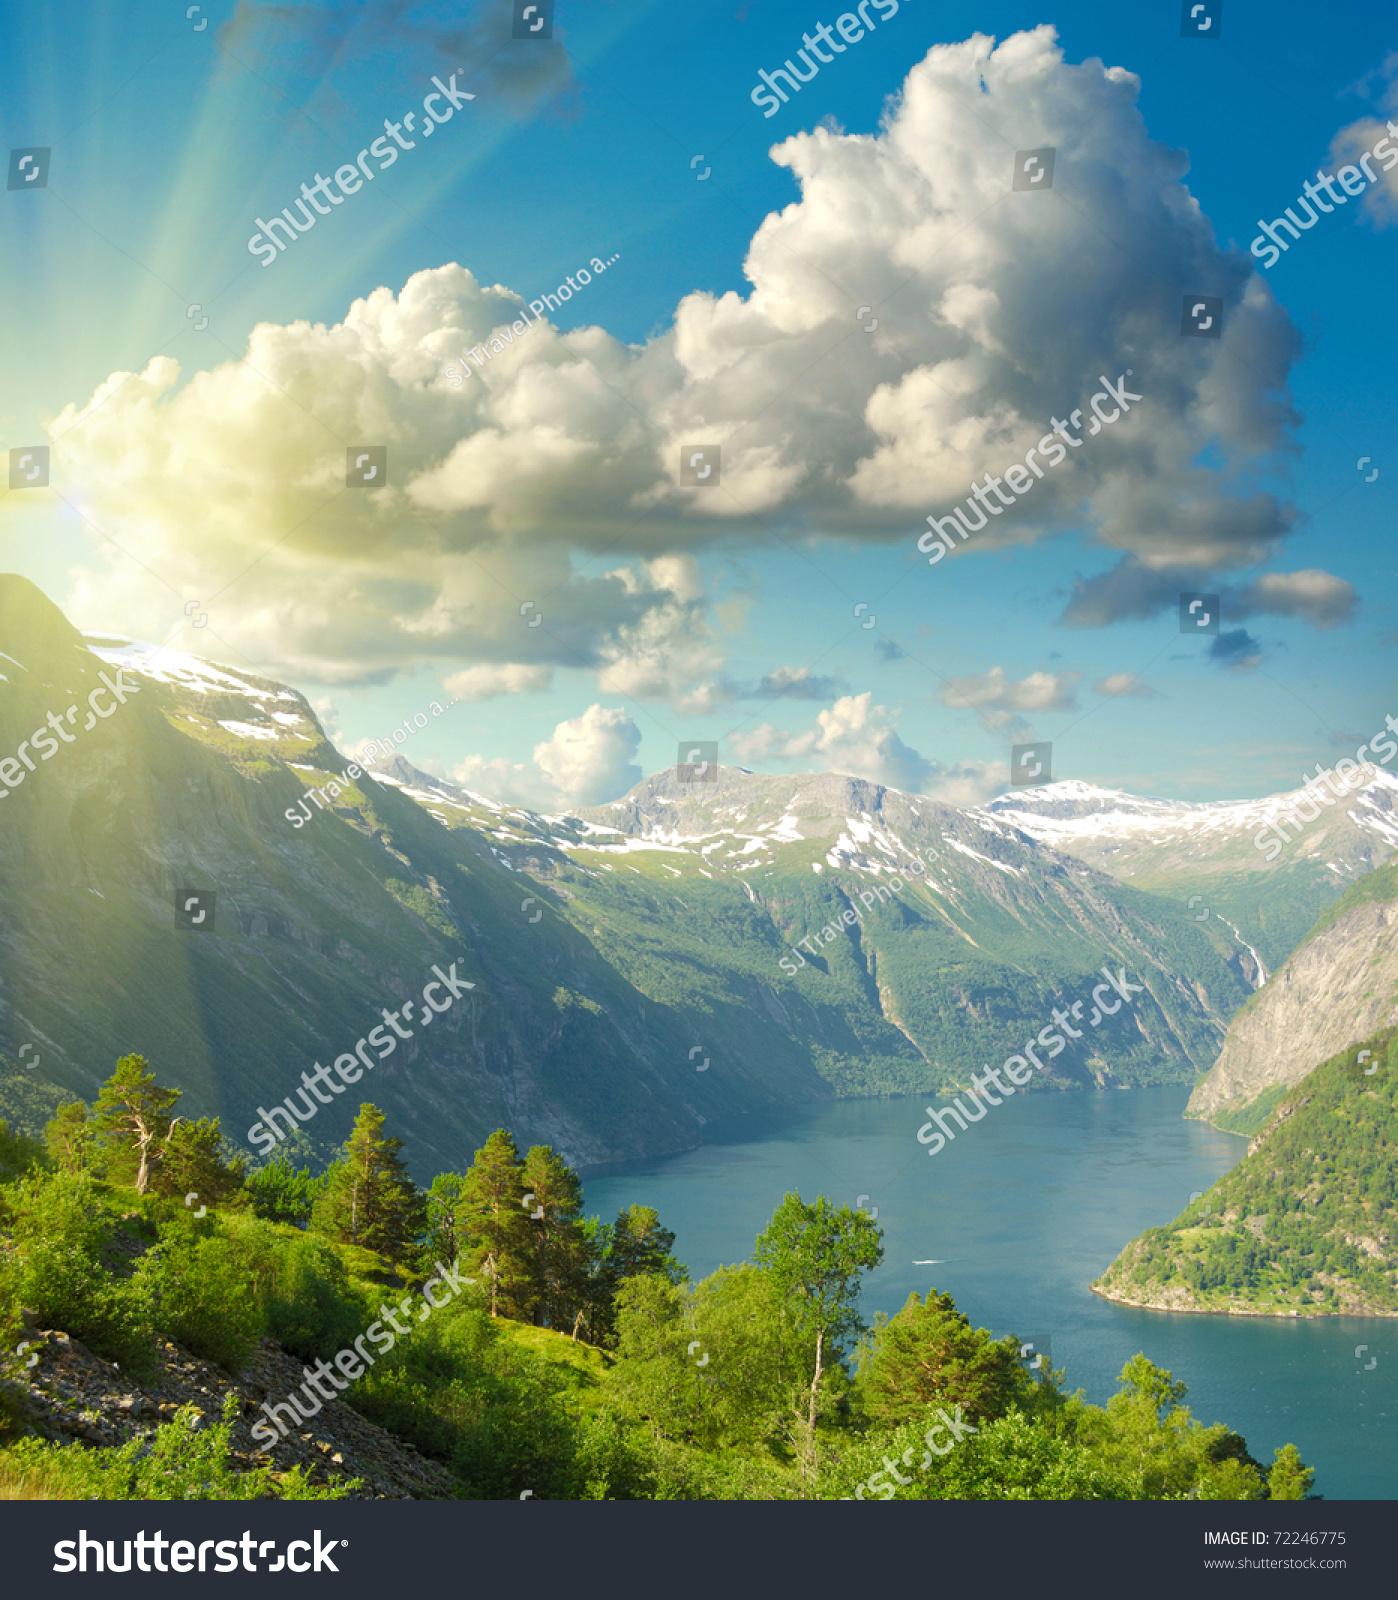 壁纸 风景 摄影 桌面 1398_1600